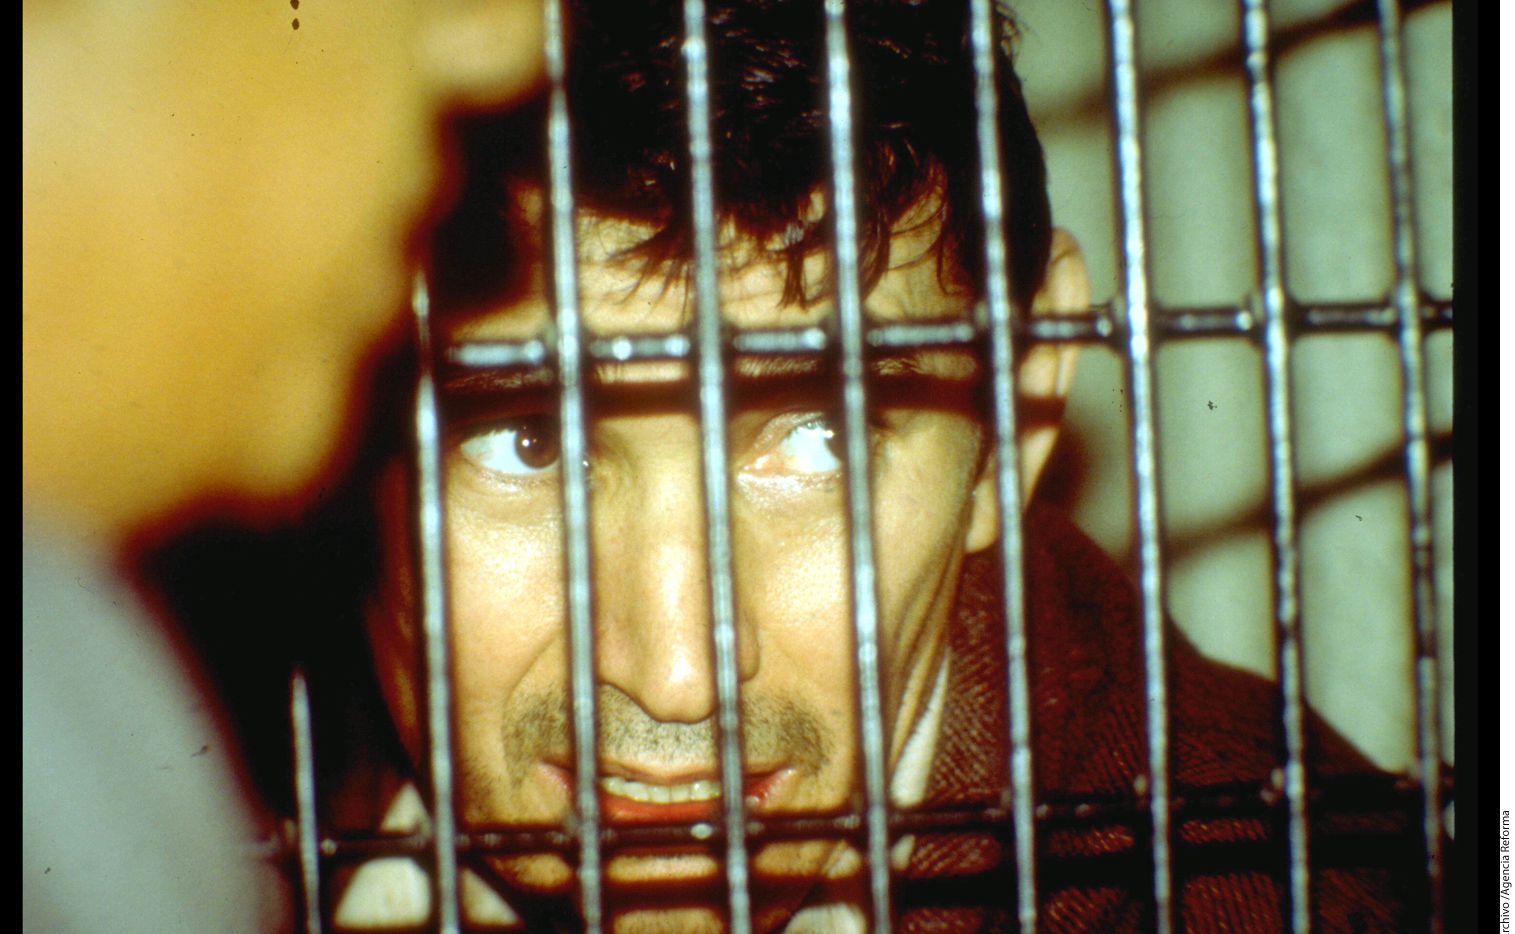 Un juez condenó en primera instancia a 37 años de cárcel a Miguel Ángel Félix Gallardo por crimen de agente de la DEA en 1985; puede apelar. Foto AGENCIA REFORMA.